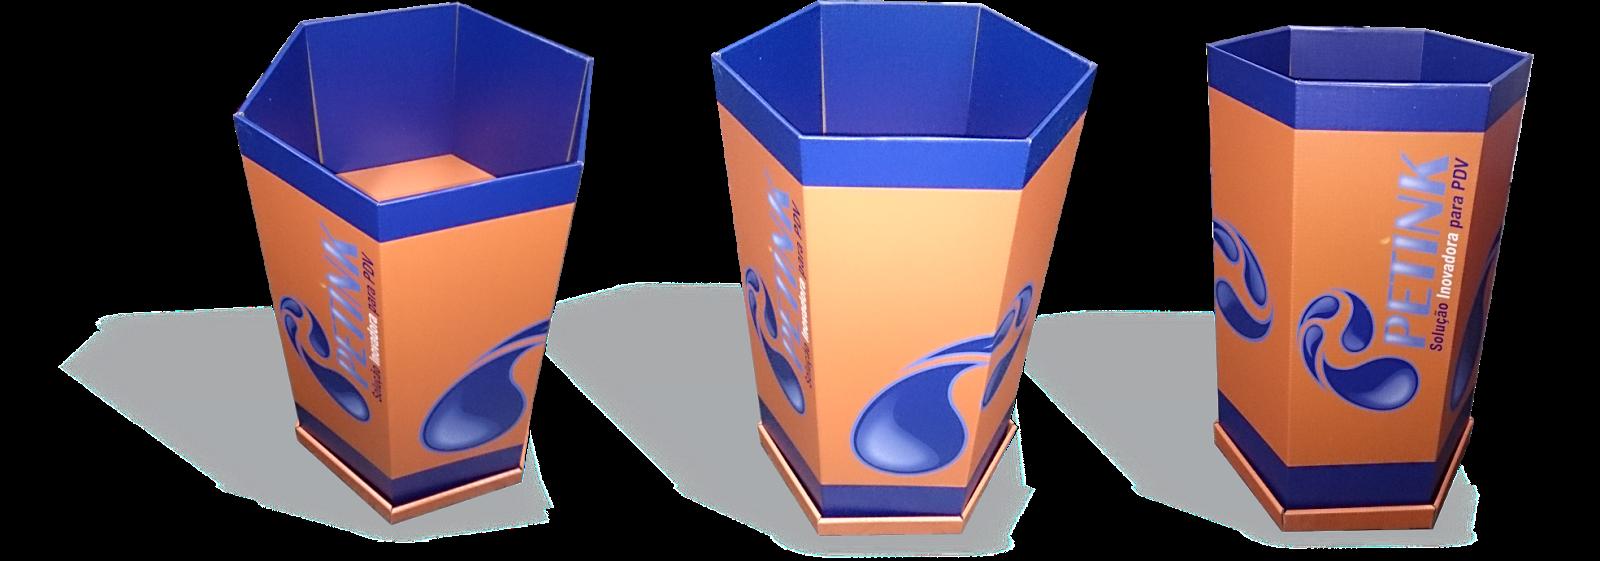 Petink - Decoração e Material Promocional